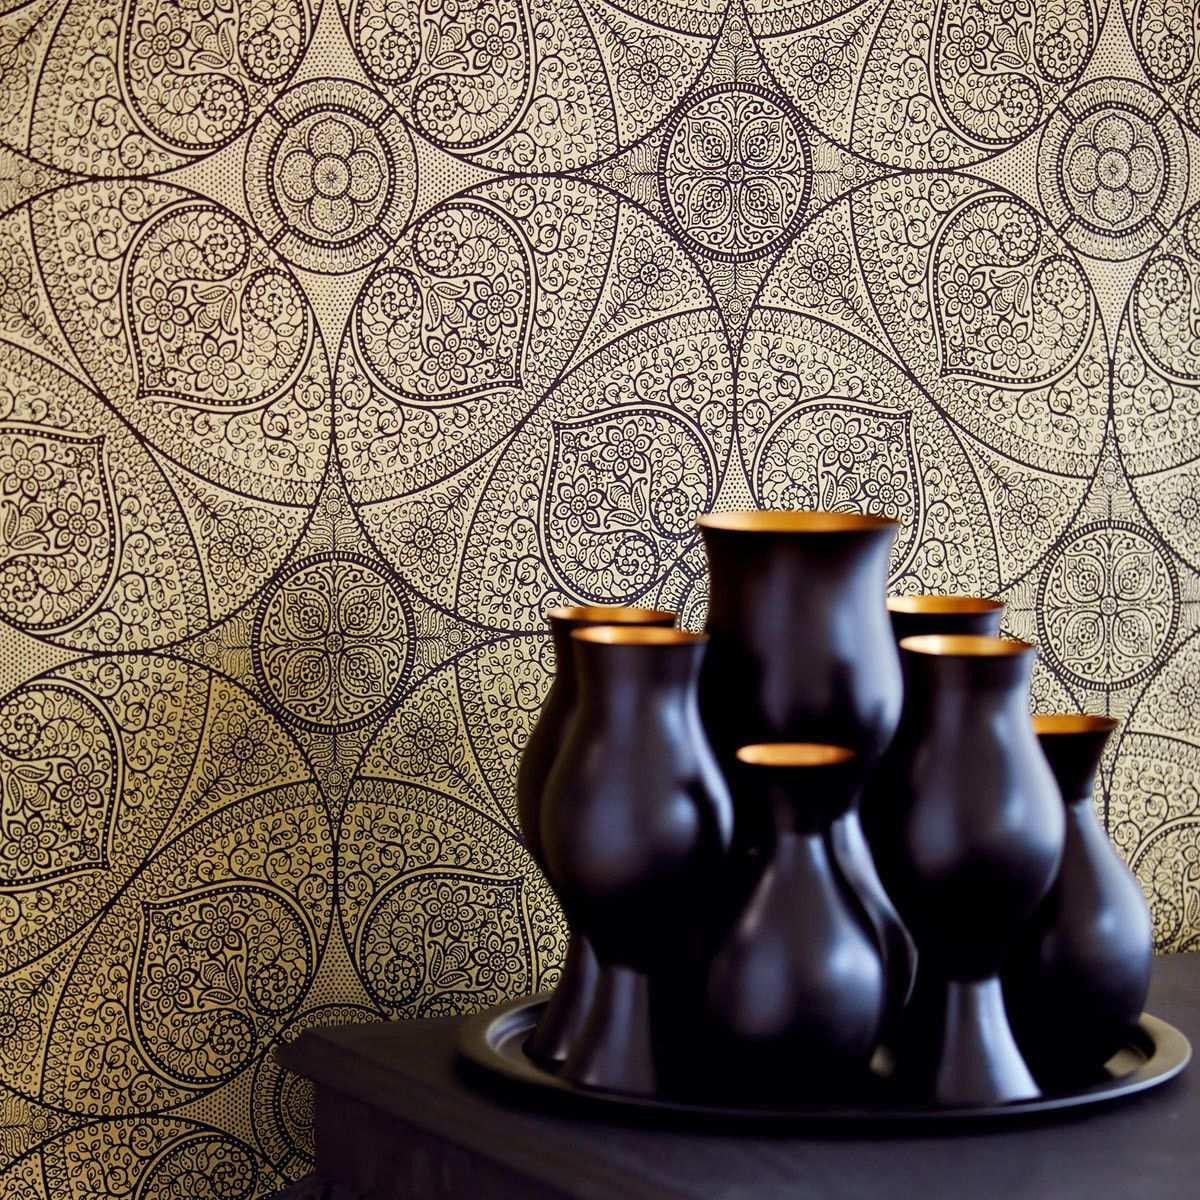 Pin Von Petite Fleur Auf Wandgestaltung Tapeten Orientalische Tapete Und Ornament Tapete